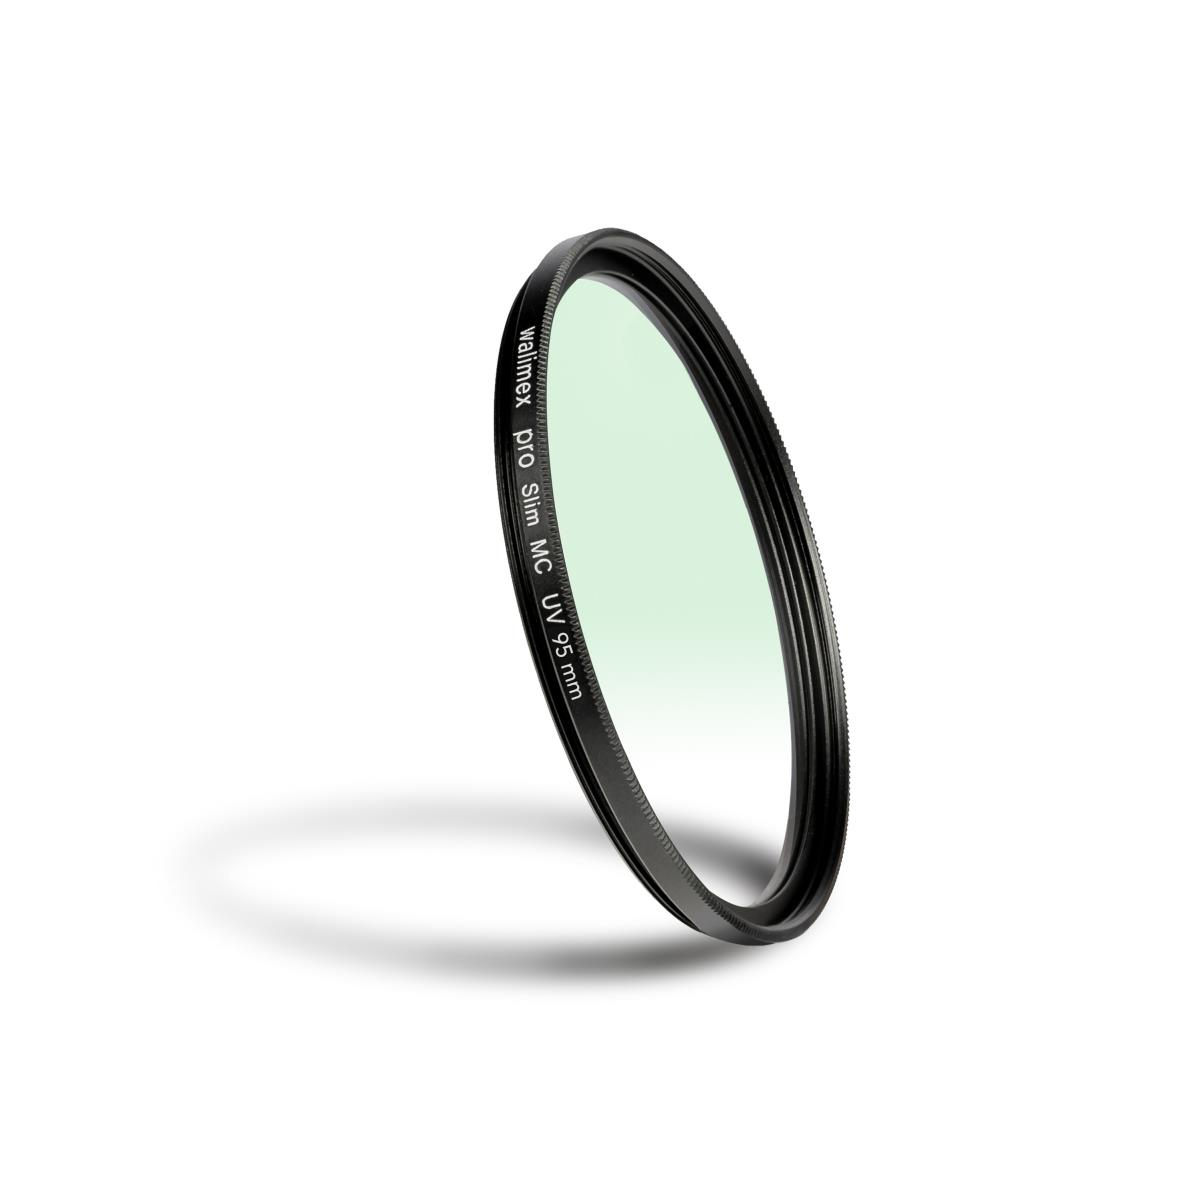 Walimex pro UV-Filter slim MC 95mm